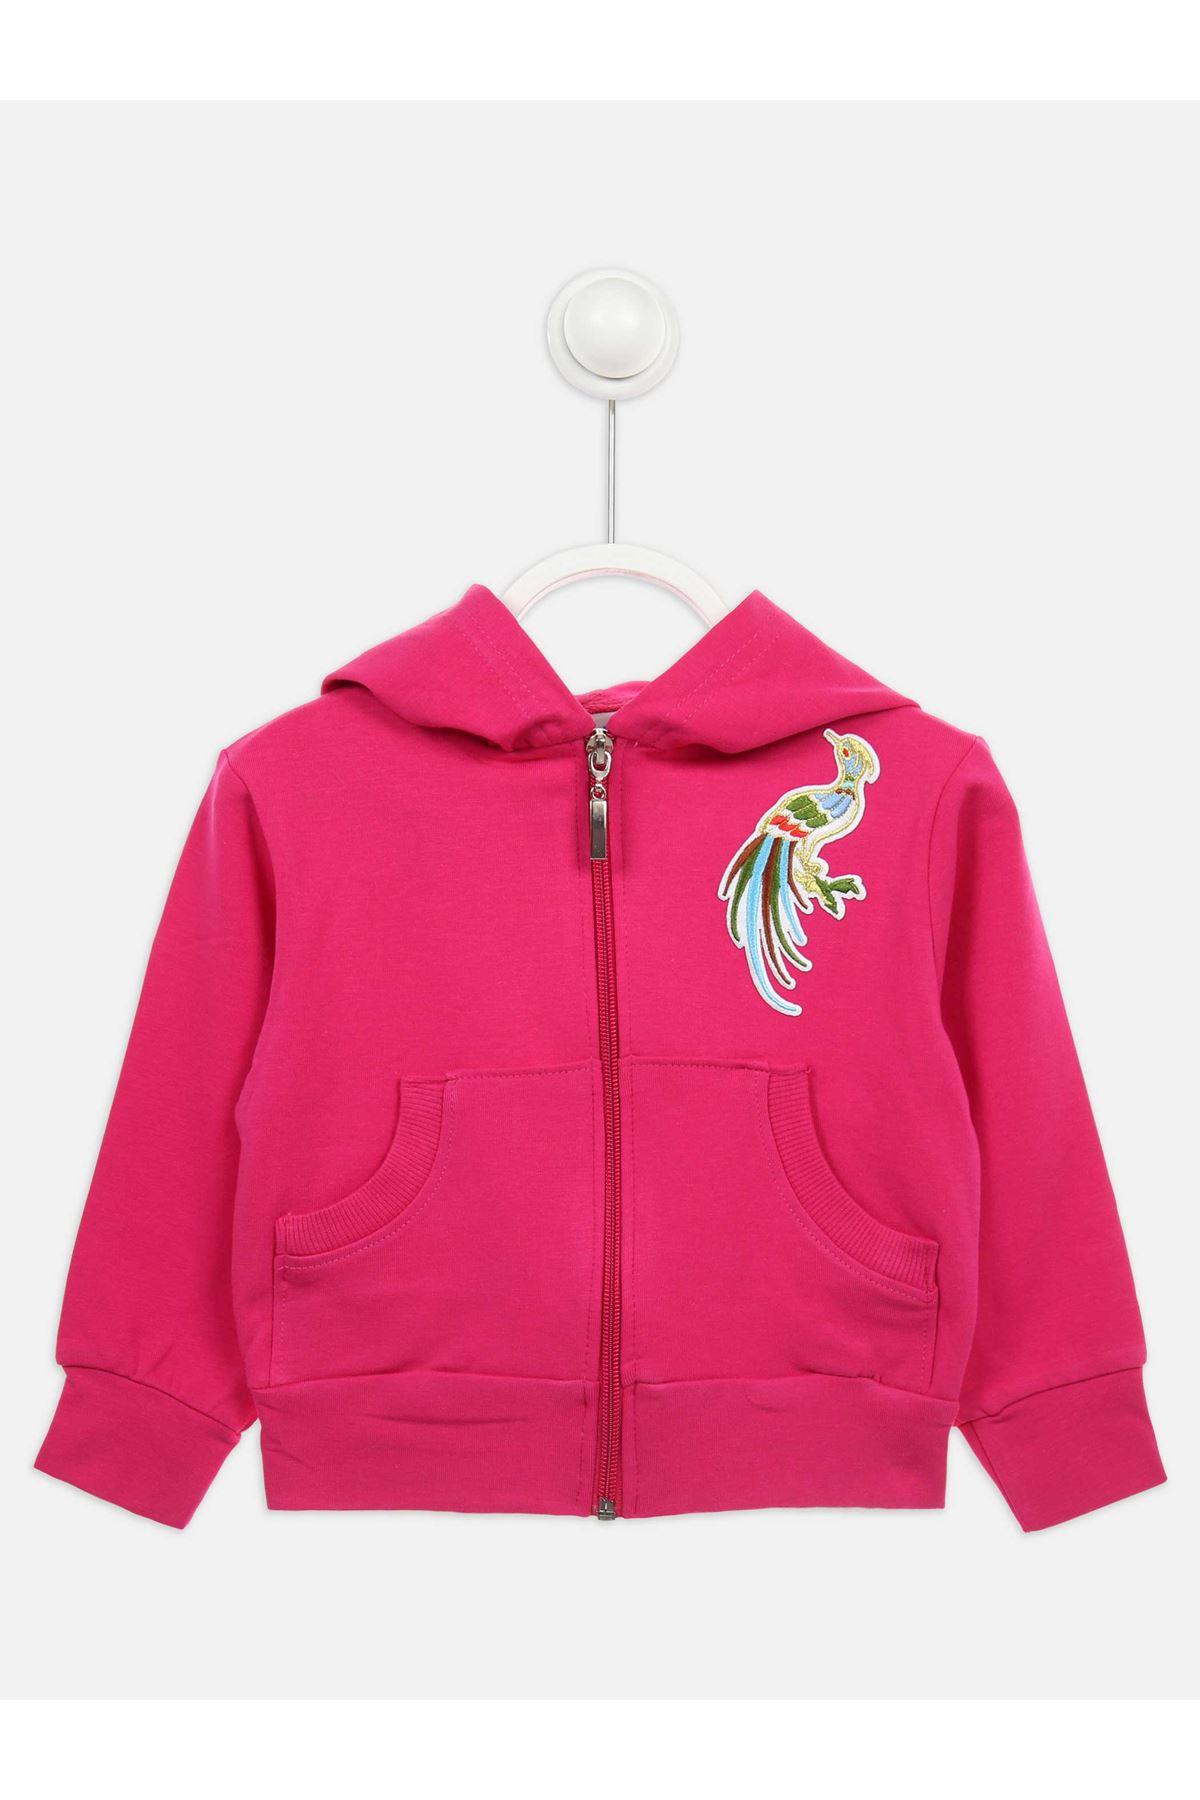 Fuşya Mevsimlik Kapüşonlu Kız Çocuk Ceket